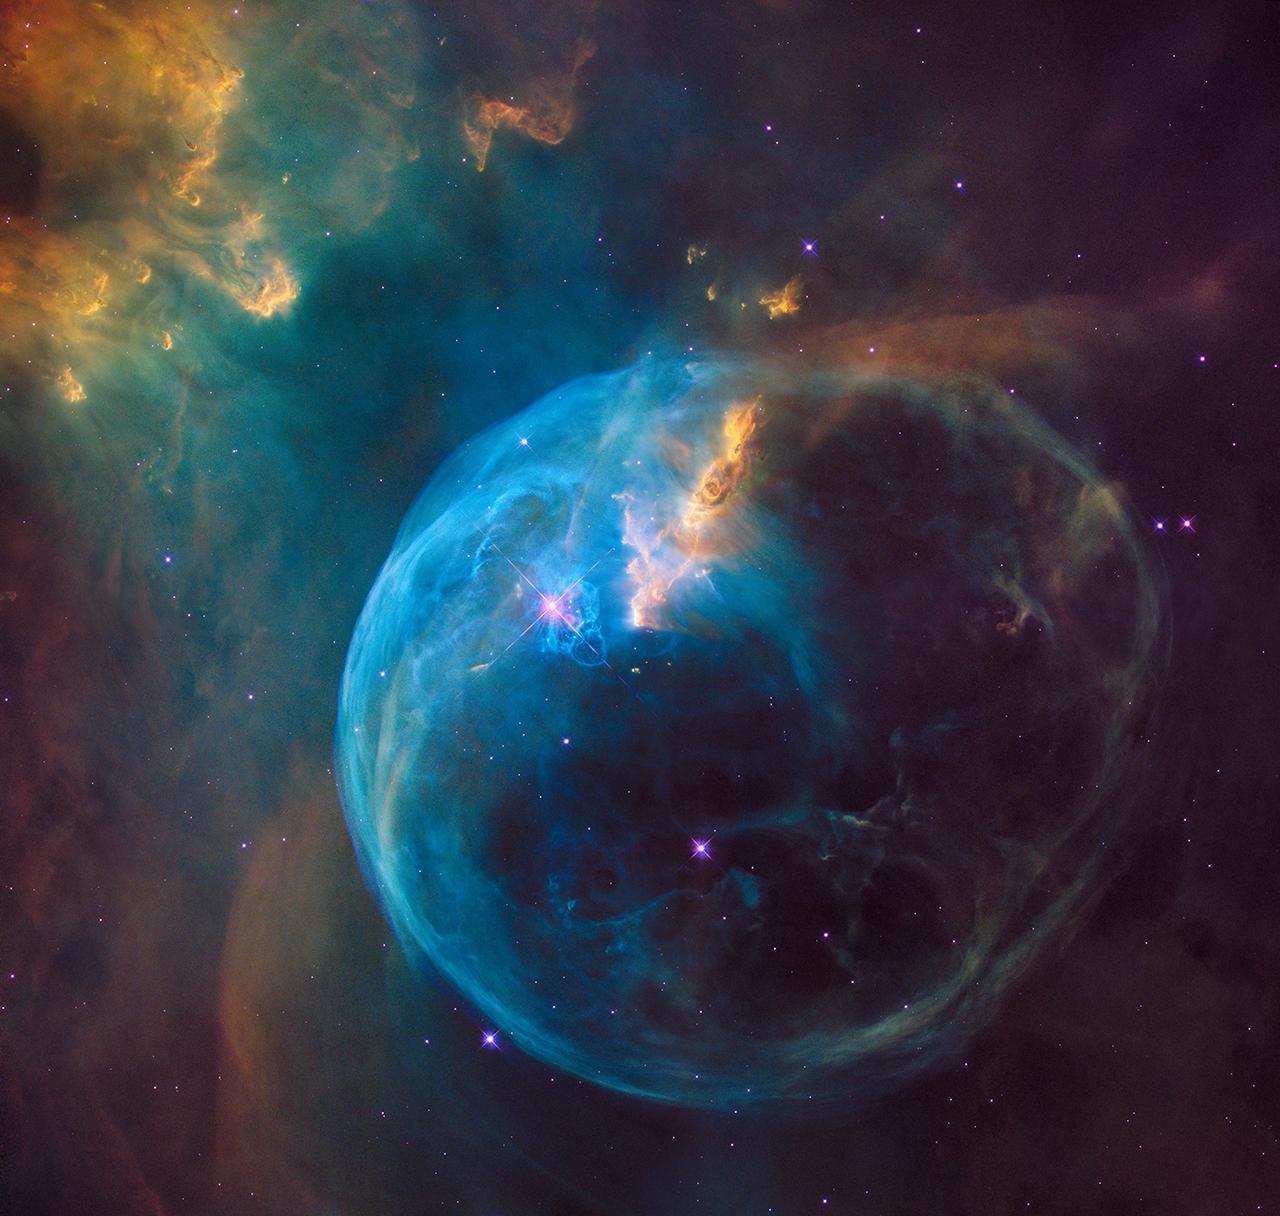 10 tấm ảnh vũ trụ ấn tượng nhất trong bộ sưu tập ảnh chọn lọc của NASA